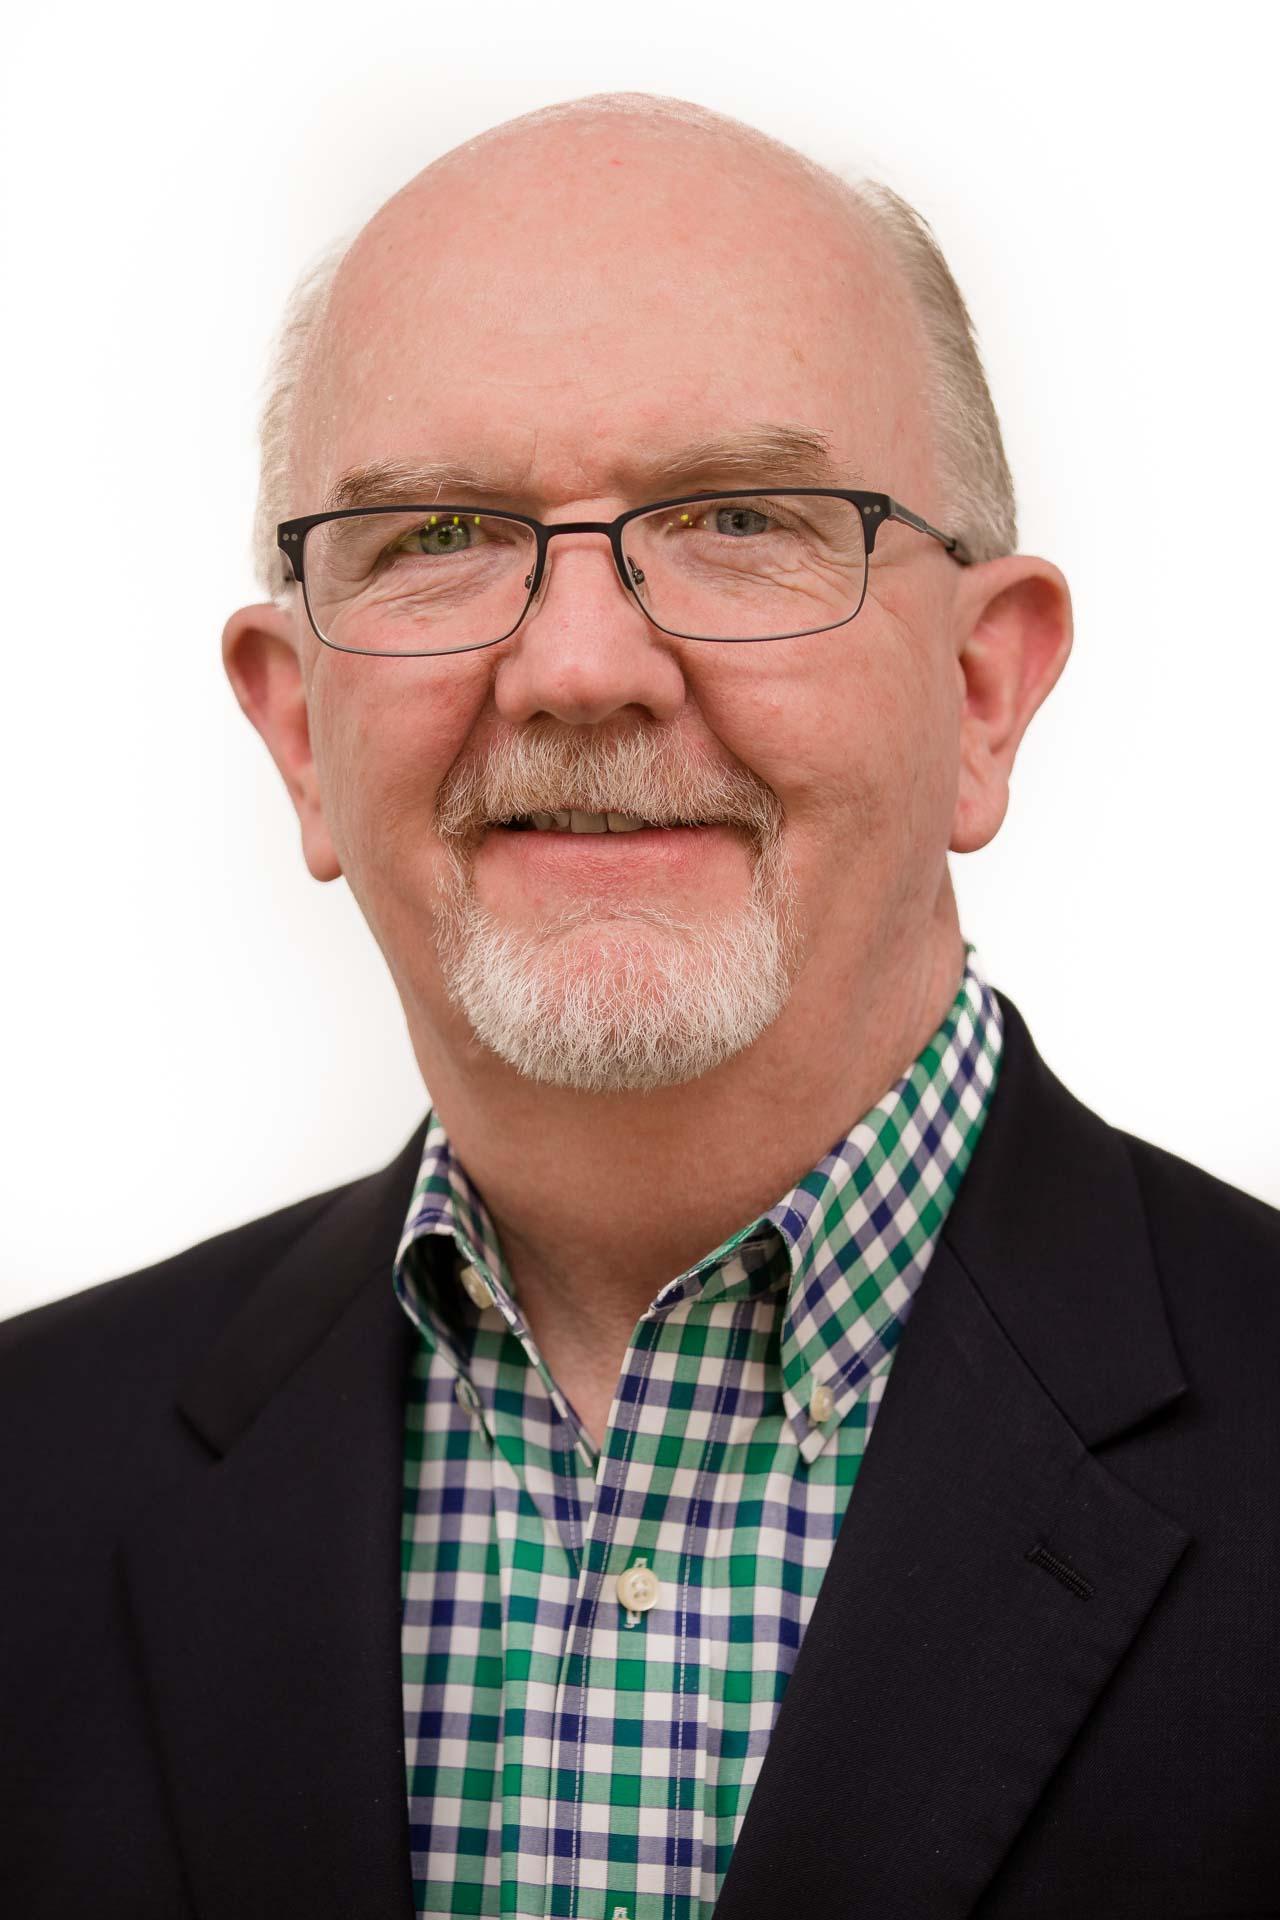 Tim Marrow